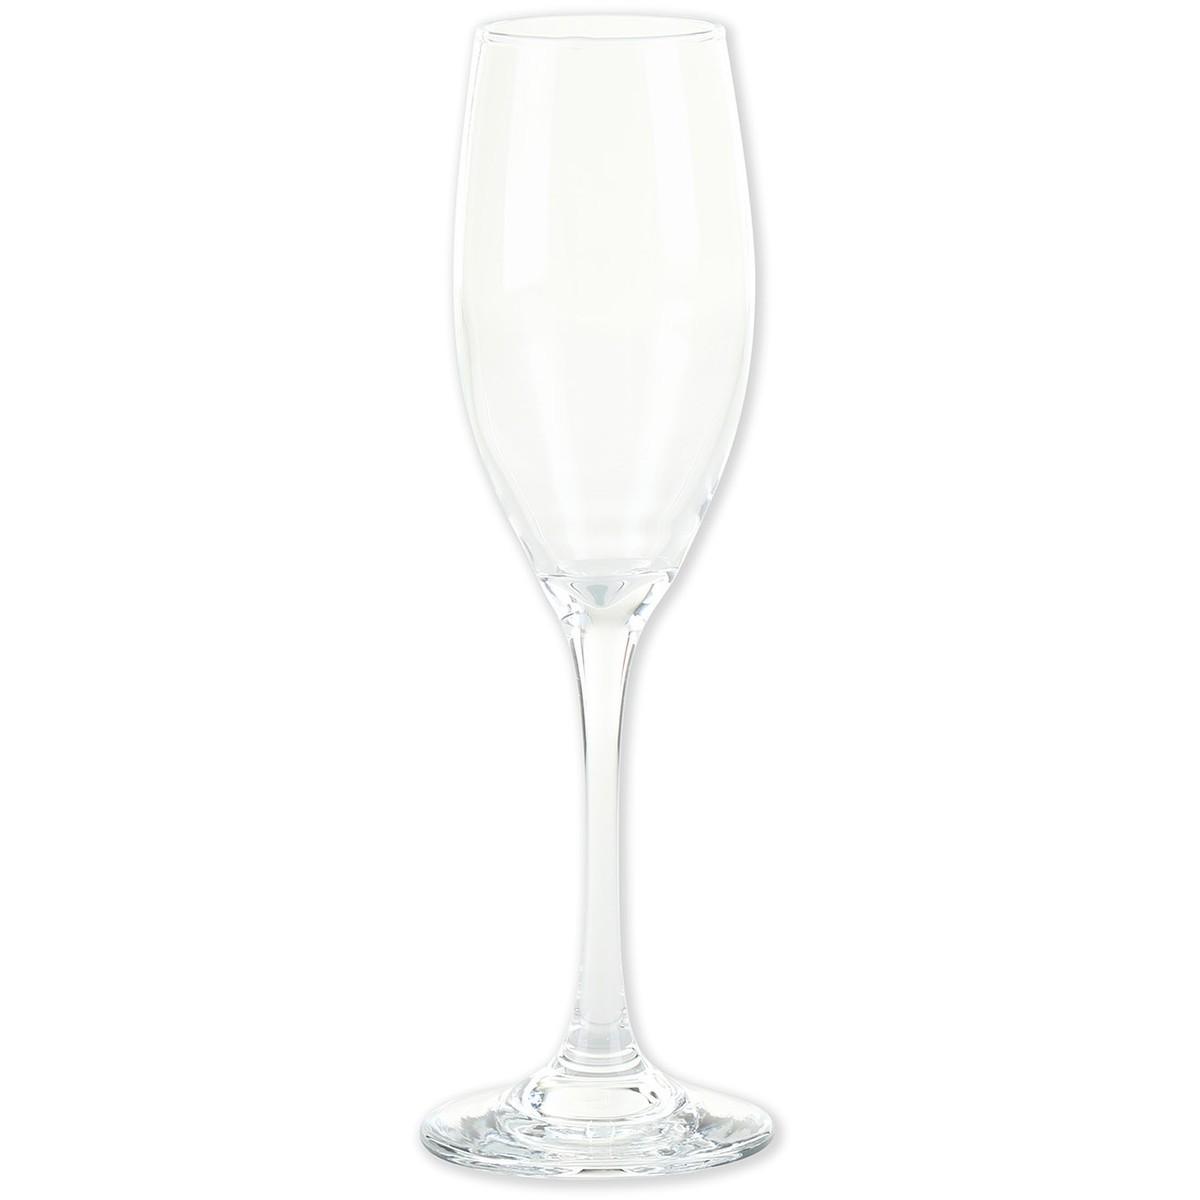 Champagne glasses (flute) - Splash Events, Noosa & Sunshine Coast